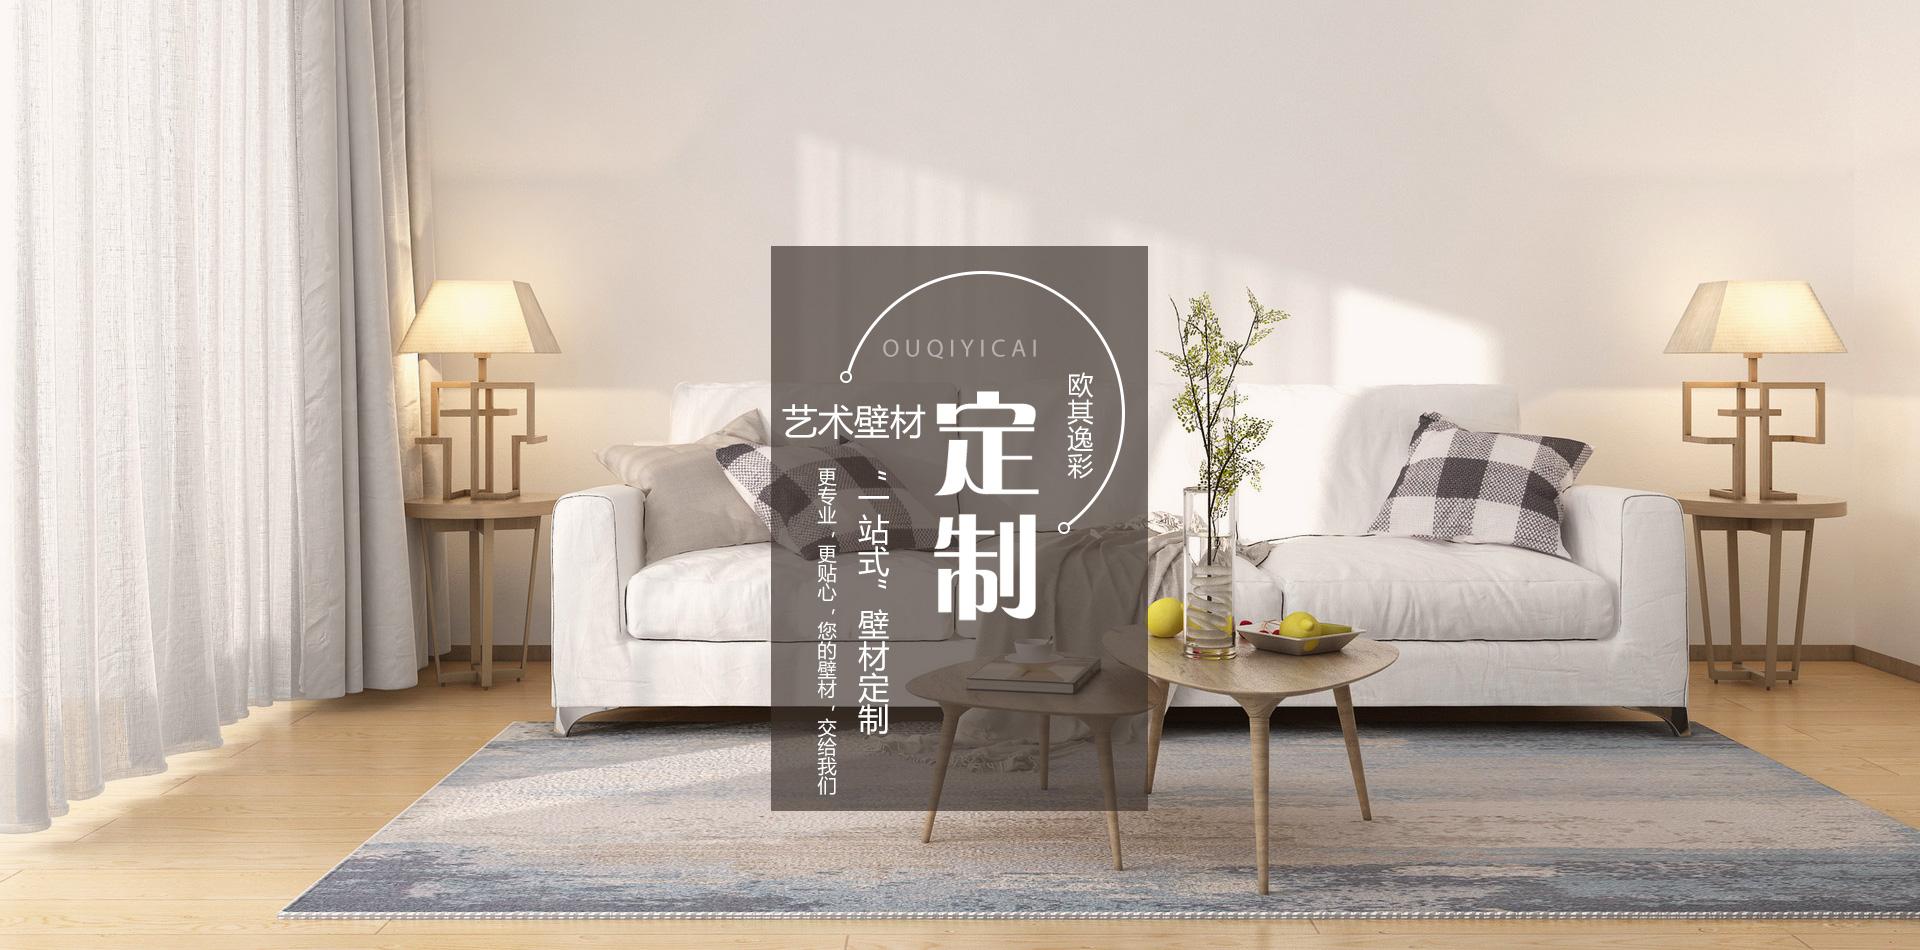 沈阳艺术涂料代理加盟